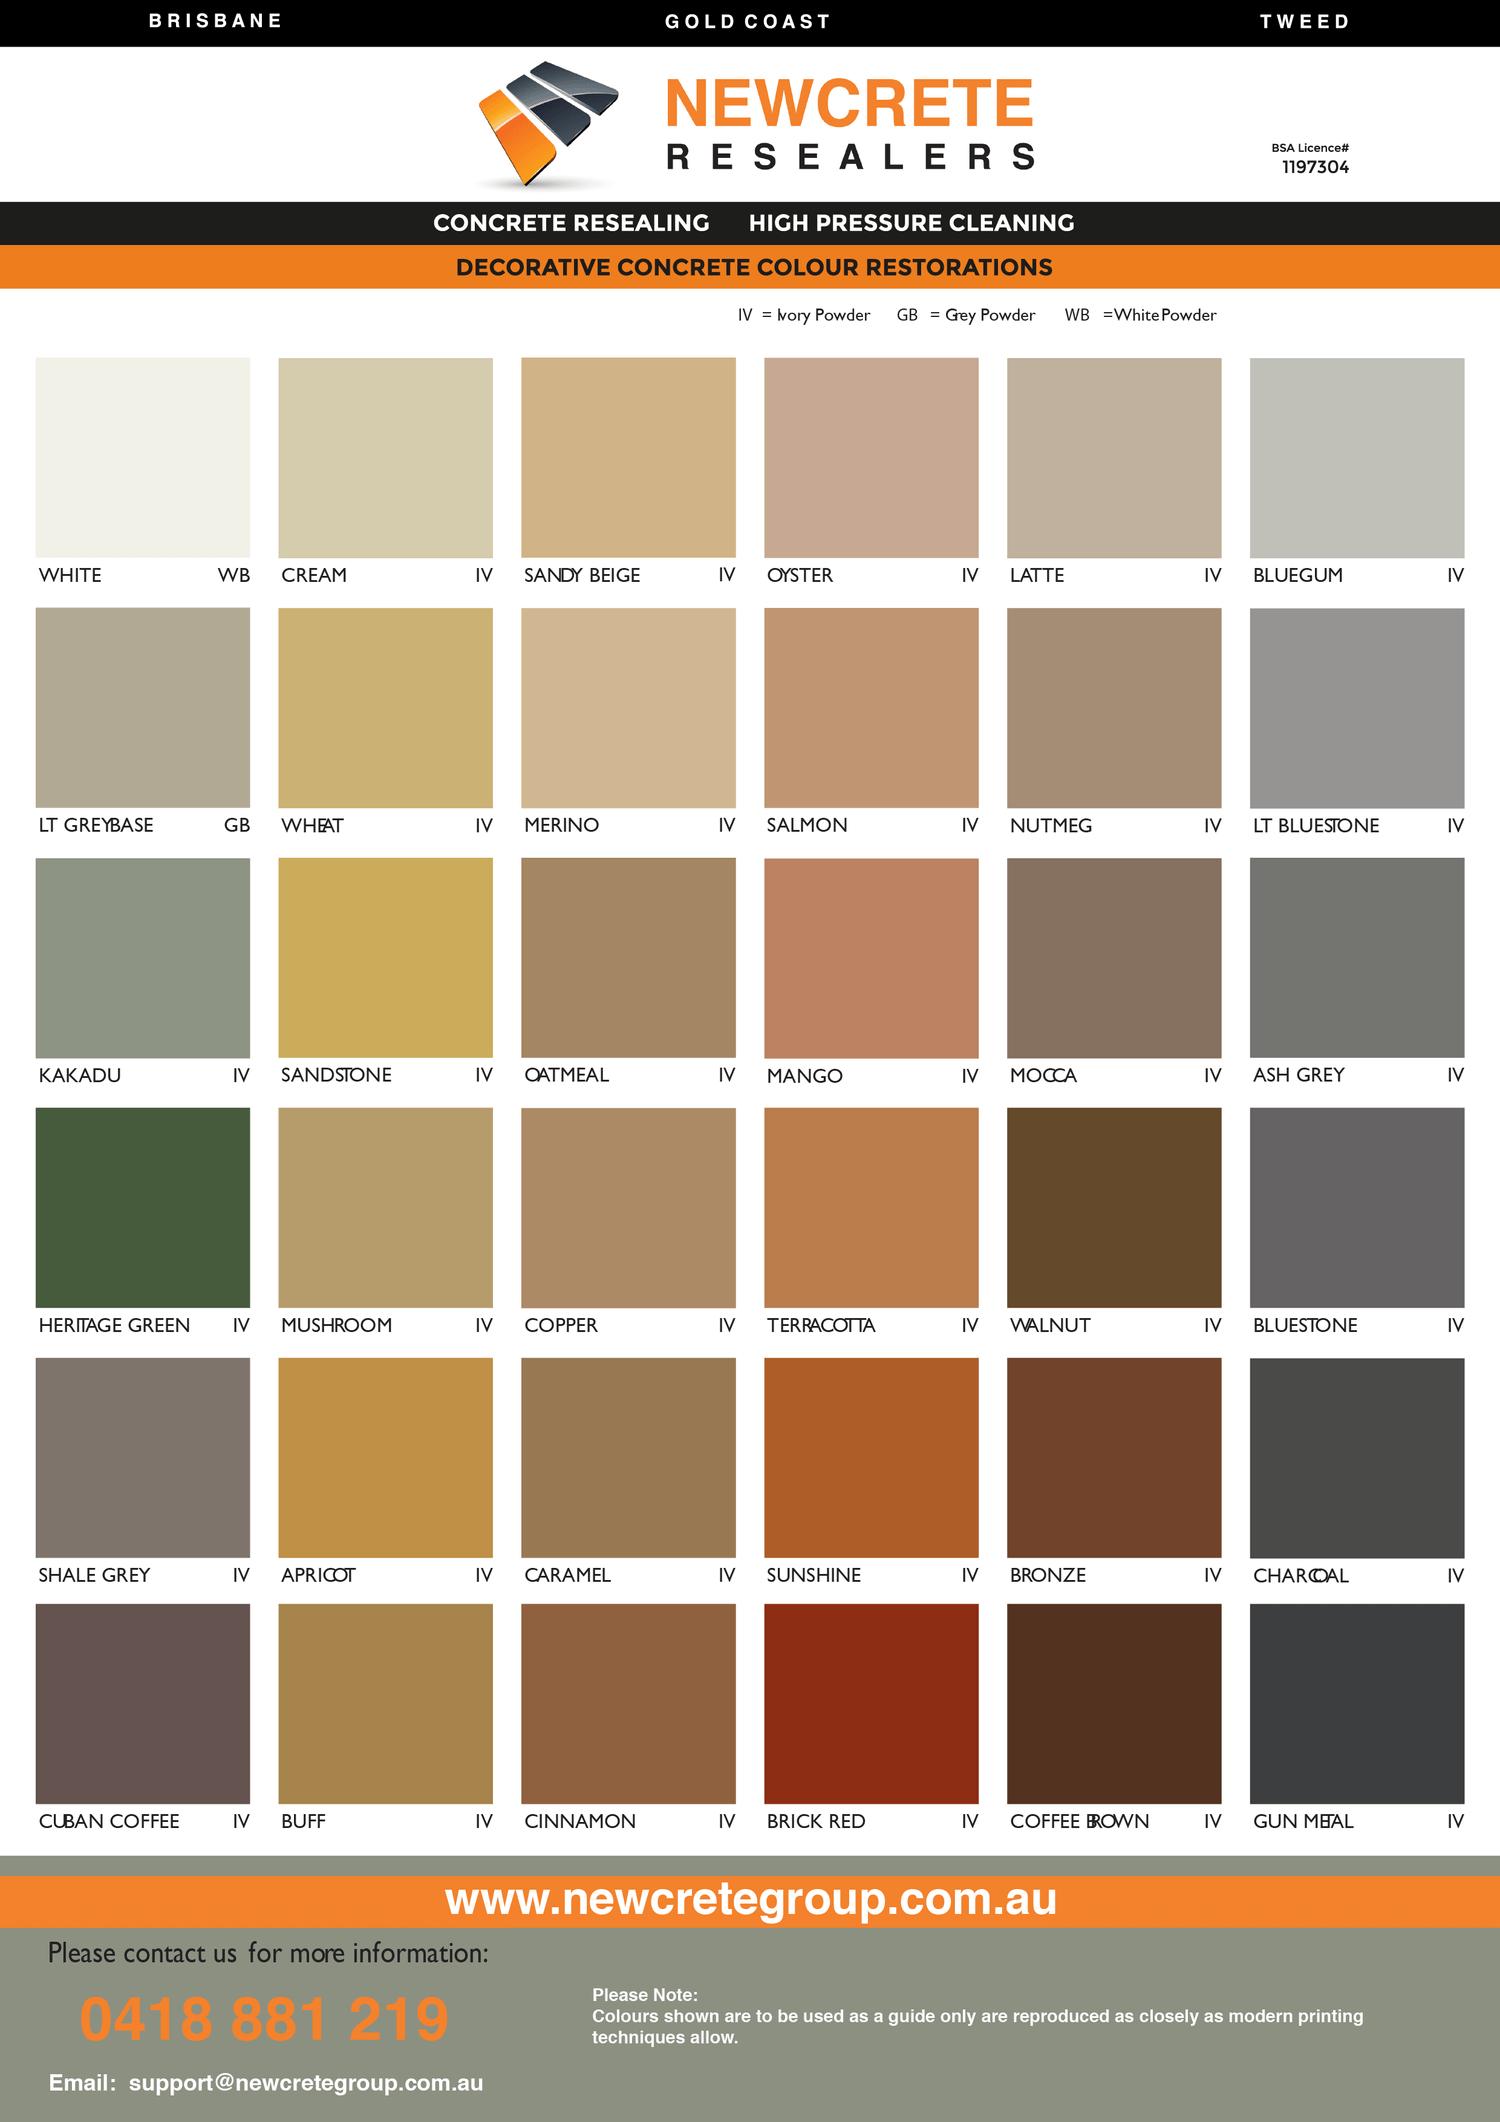 Newcrete Resealers - Colour Chart for Decorative Concrete Colour Restorations.png